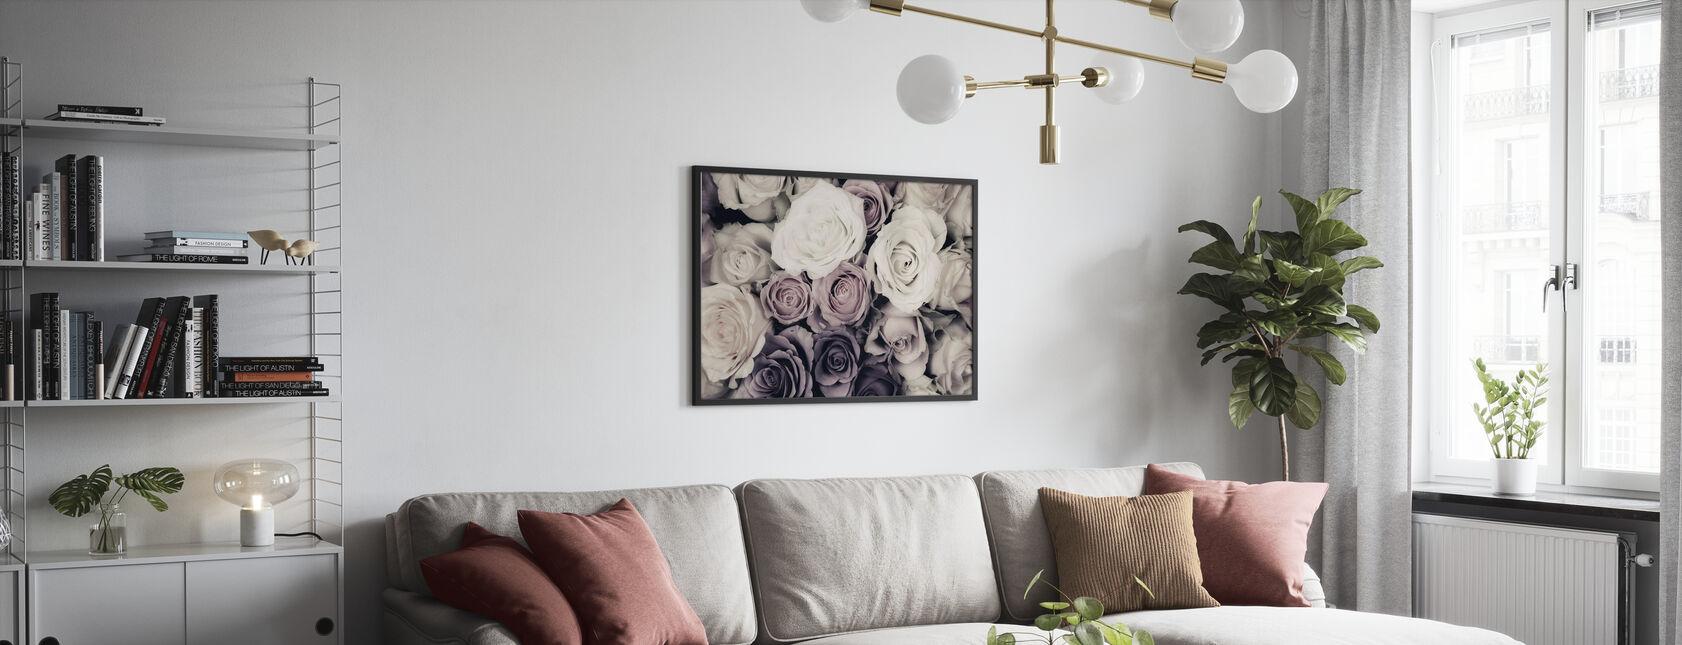 Dunkle Rosen - Poster - Wohnzimmer